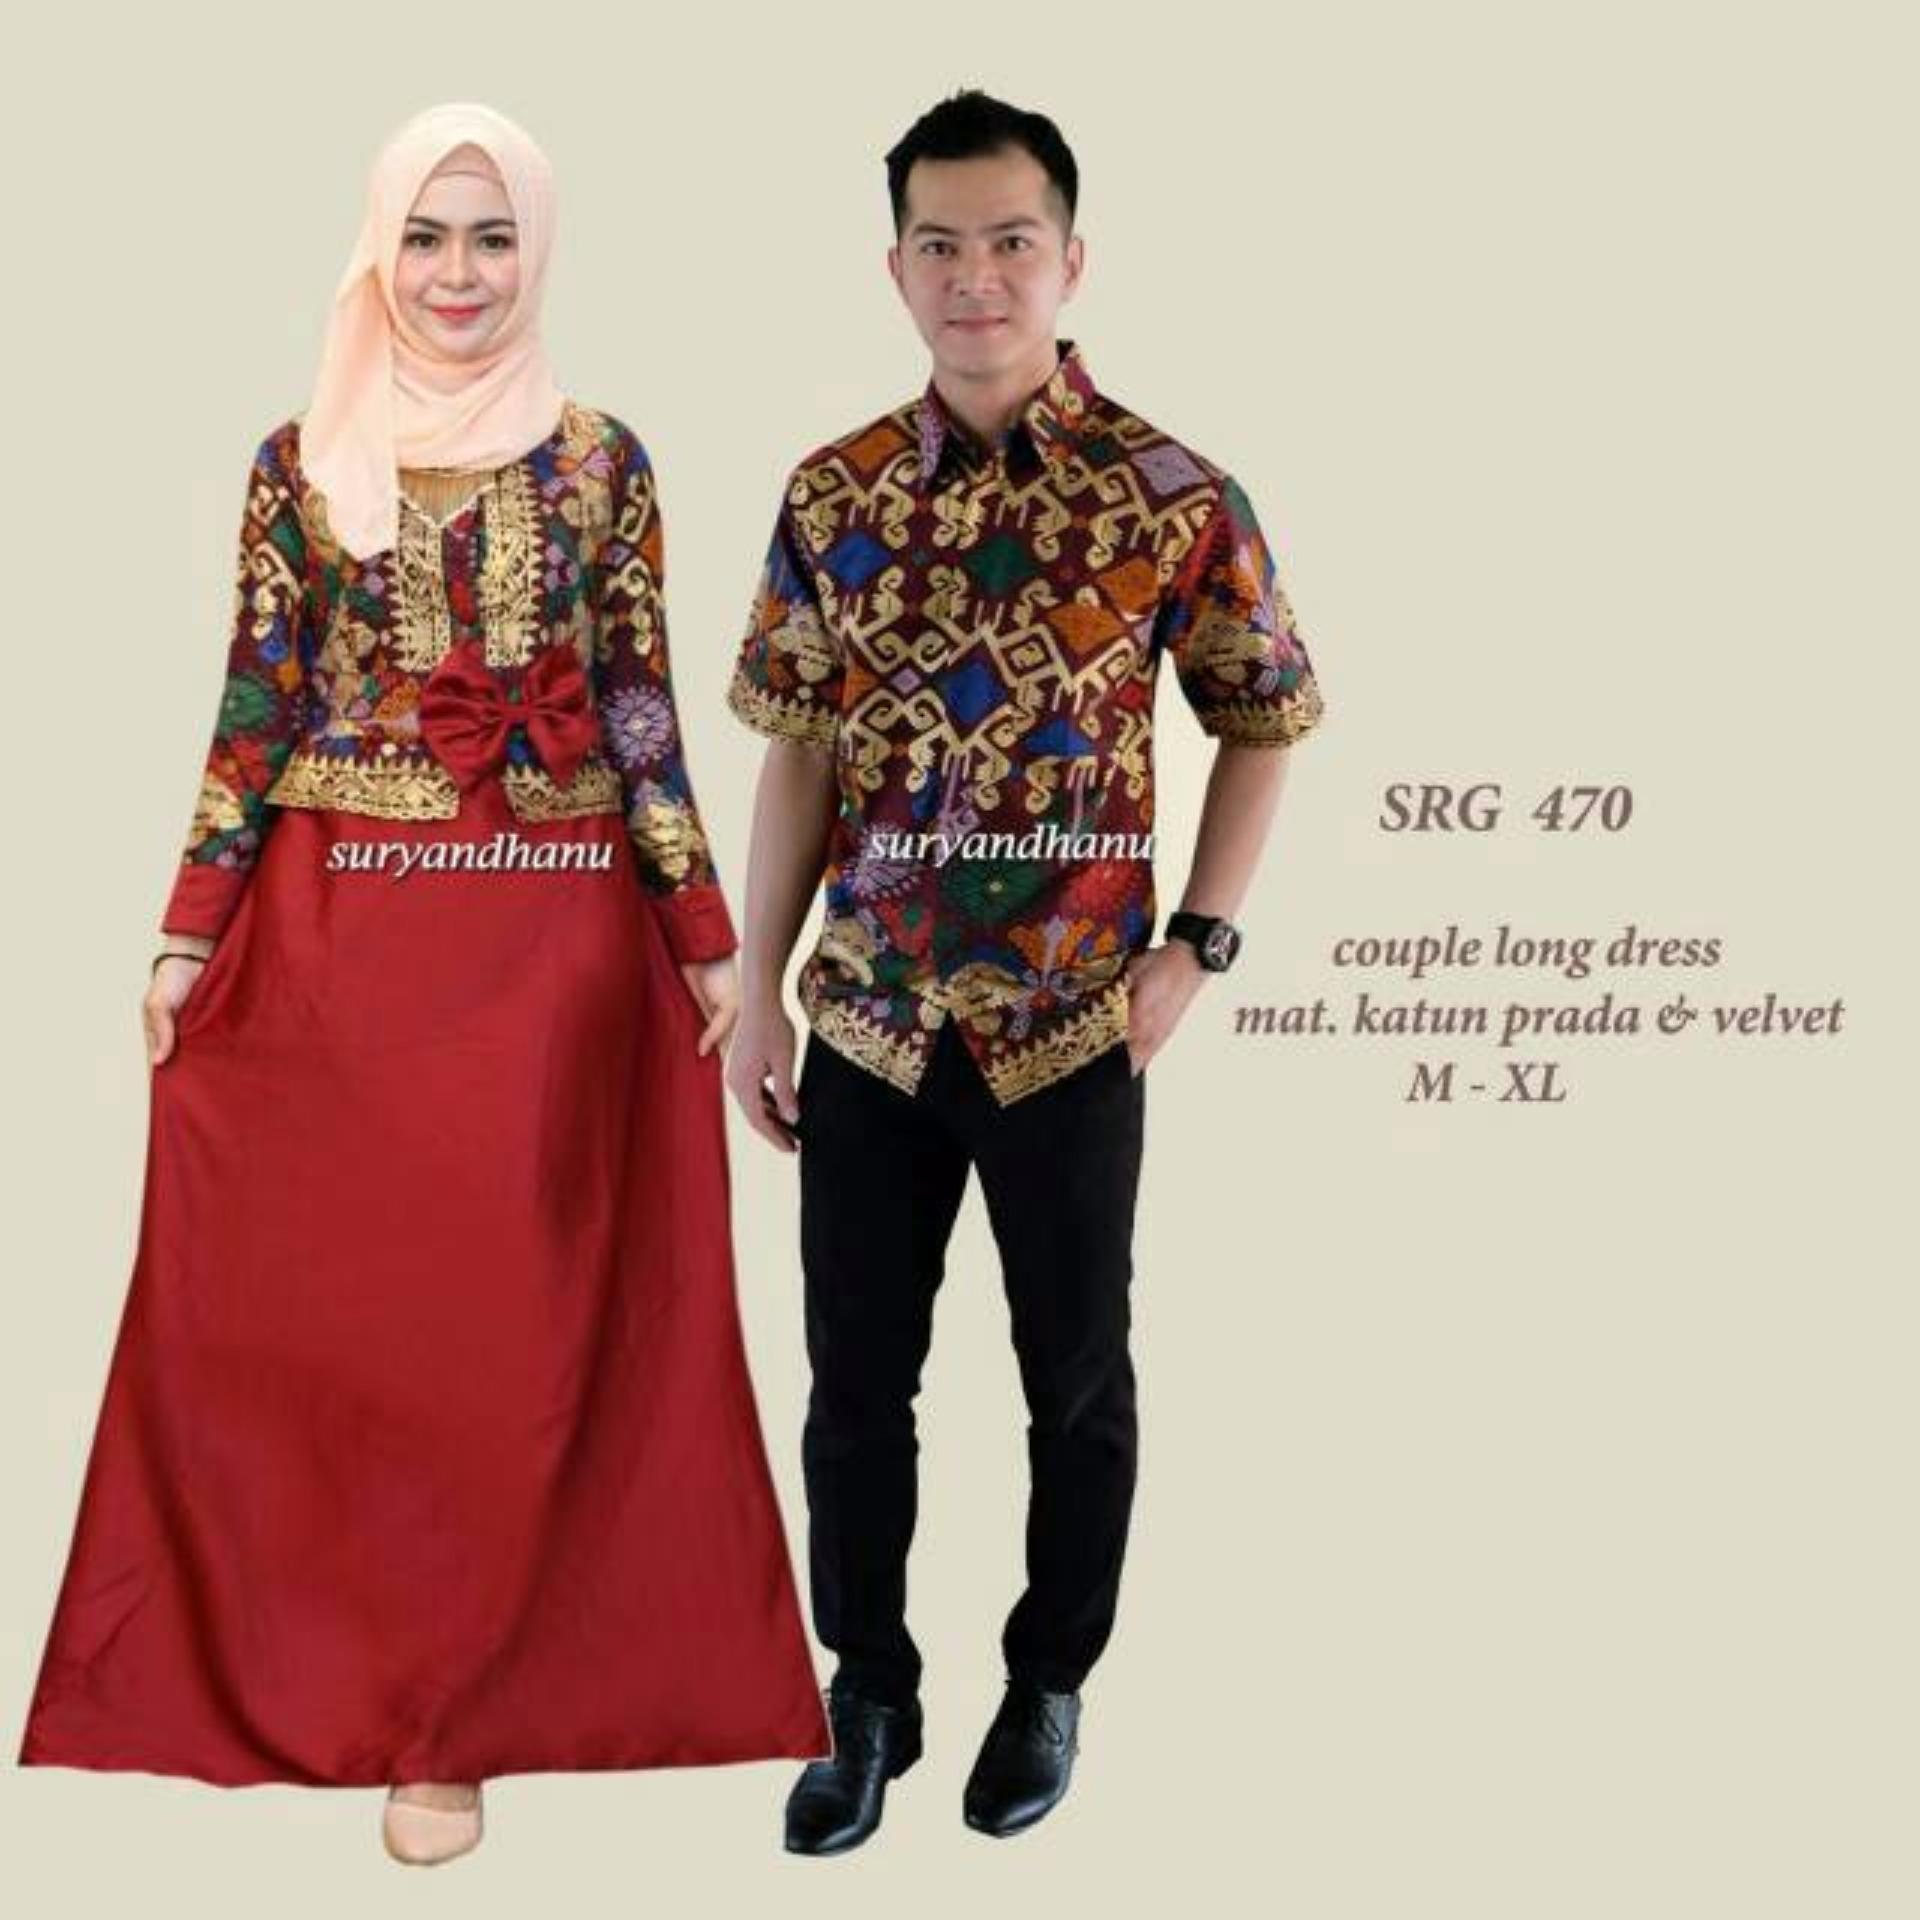 ... Busana Muslim Batik - Baju Gamis Batik Sarimbit Suryadhanu Couple ...